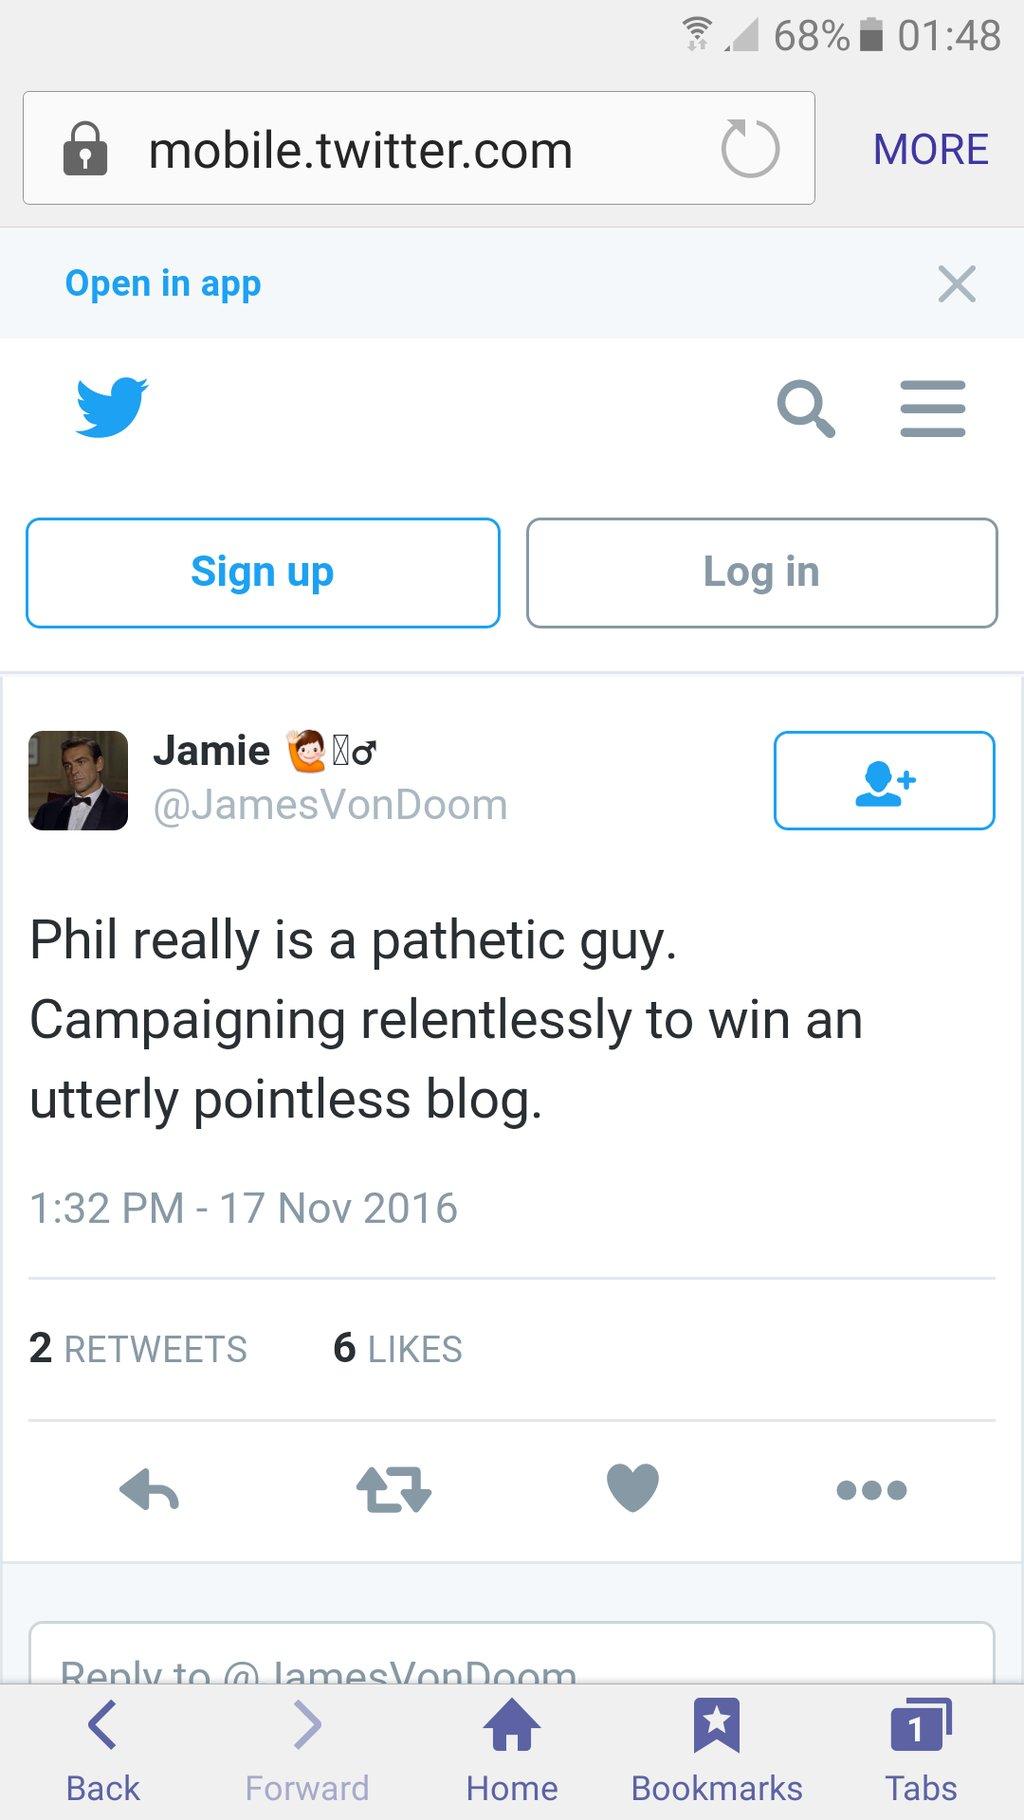 james-von-doom-tweet-fba-2016